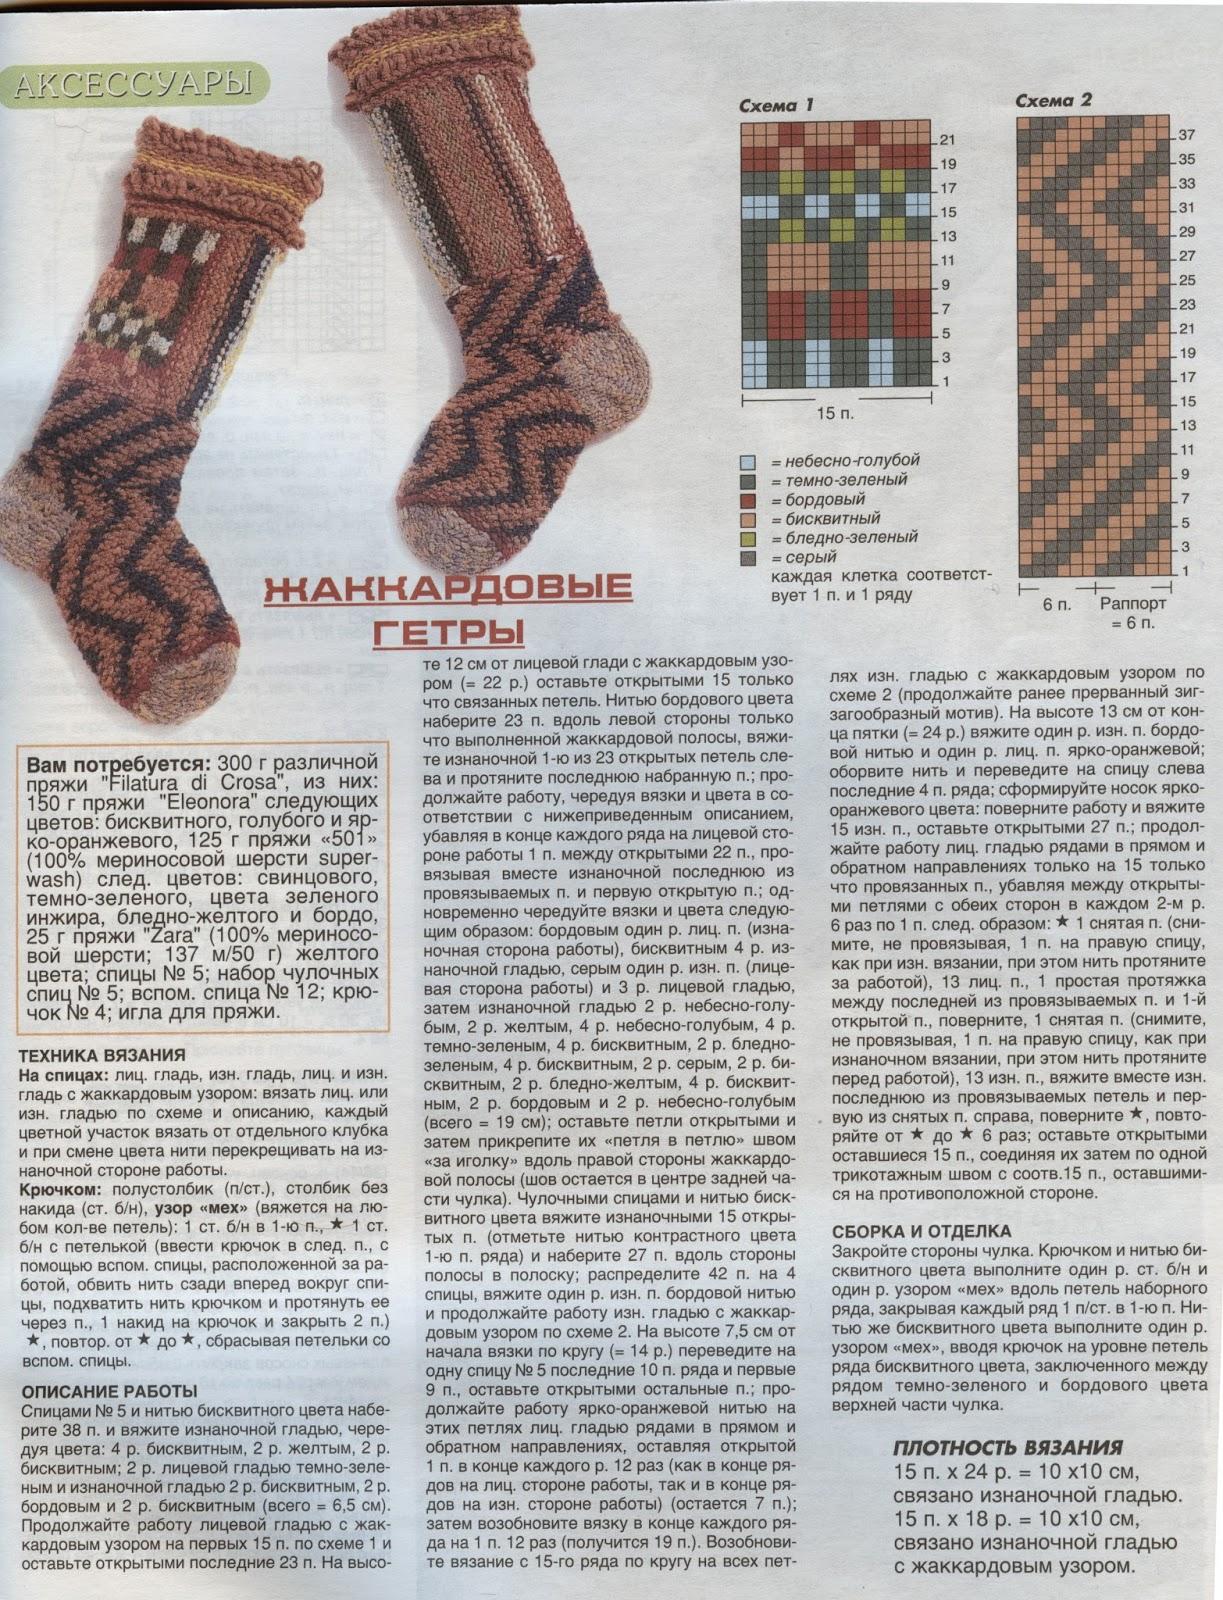 Вязание спицами, вязание крючком, схемы и описание